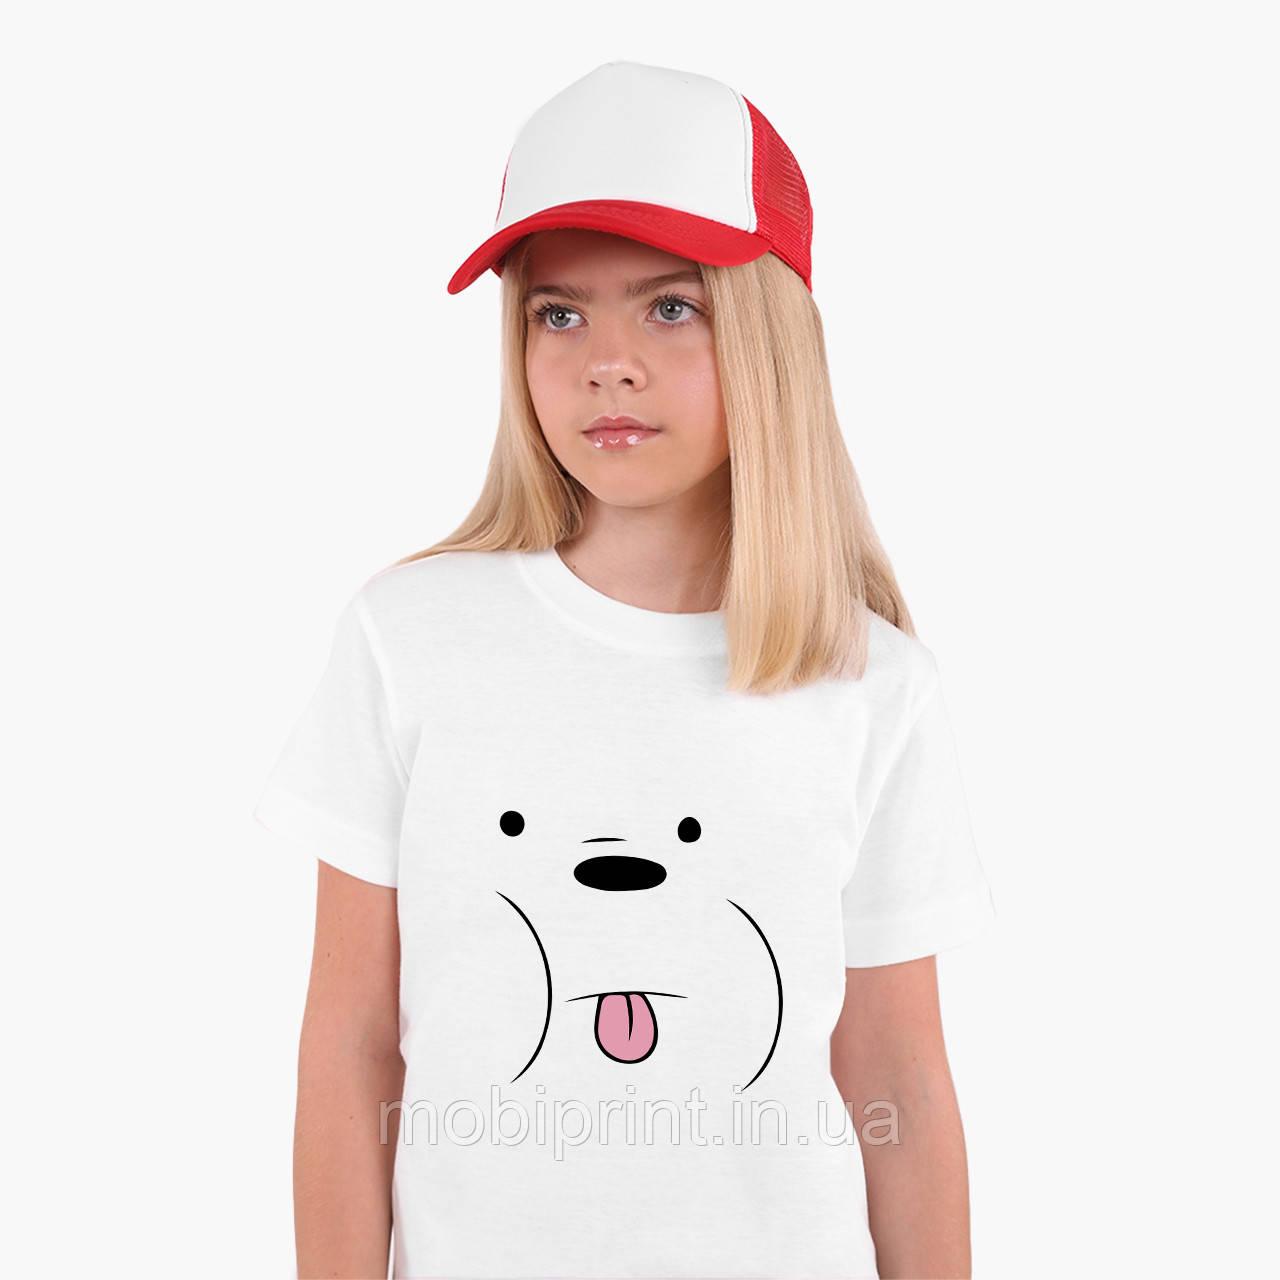 Футболка детская Белый медведь Вся правда о медведях (We Bare Bears) Белый (9224-2662)